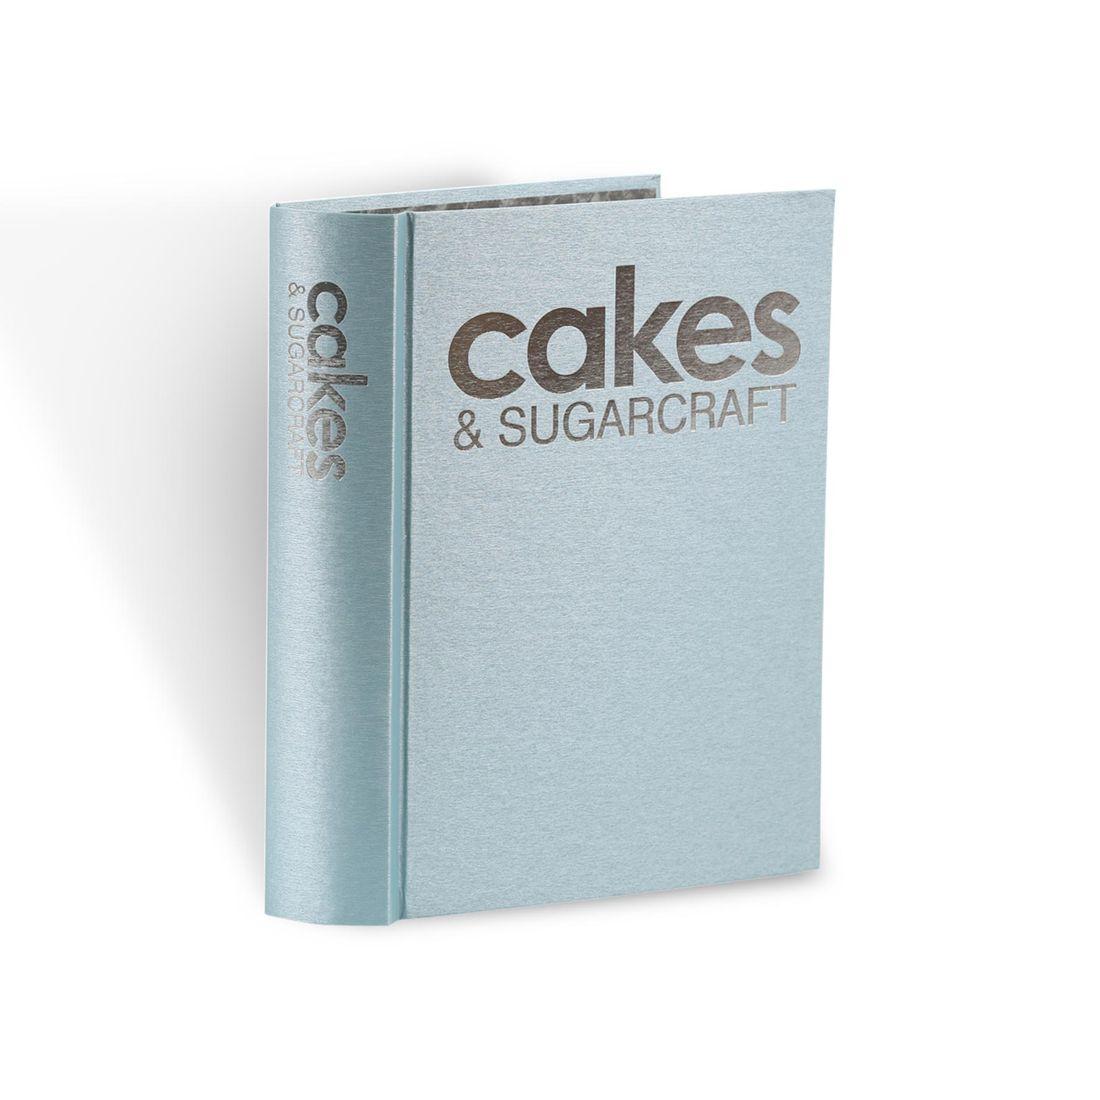 Cakes & Sugarcraft Magazine Binder Squires Kitchen Shop ...